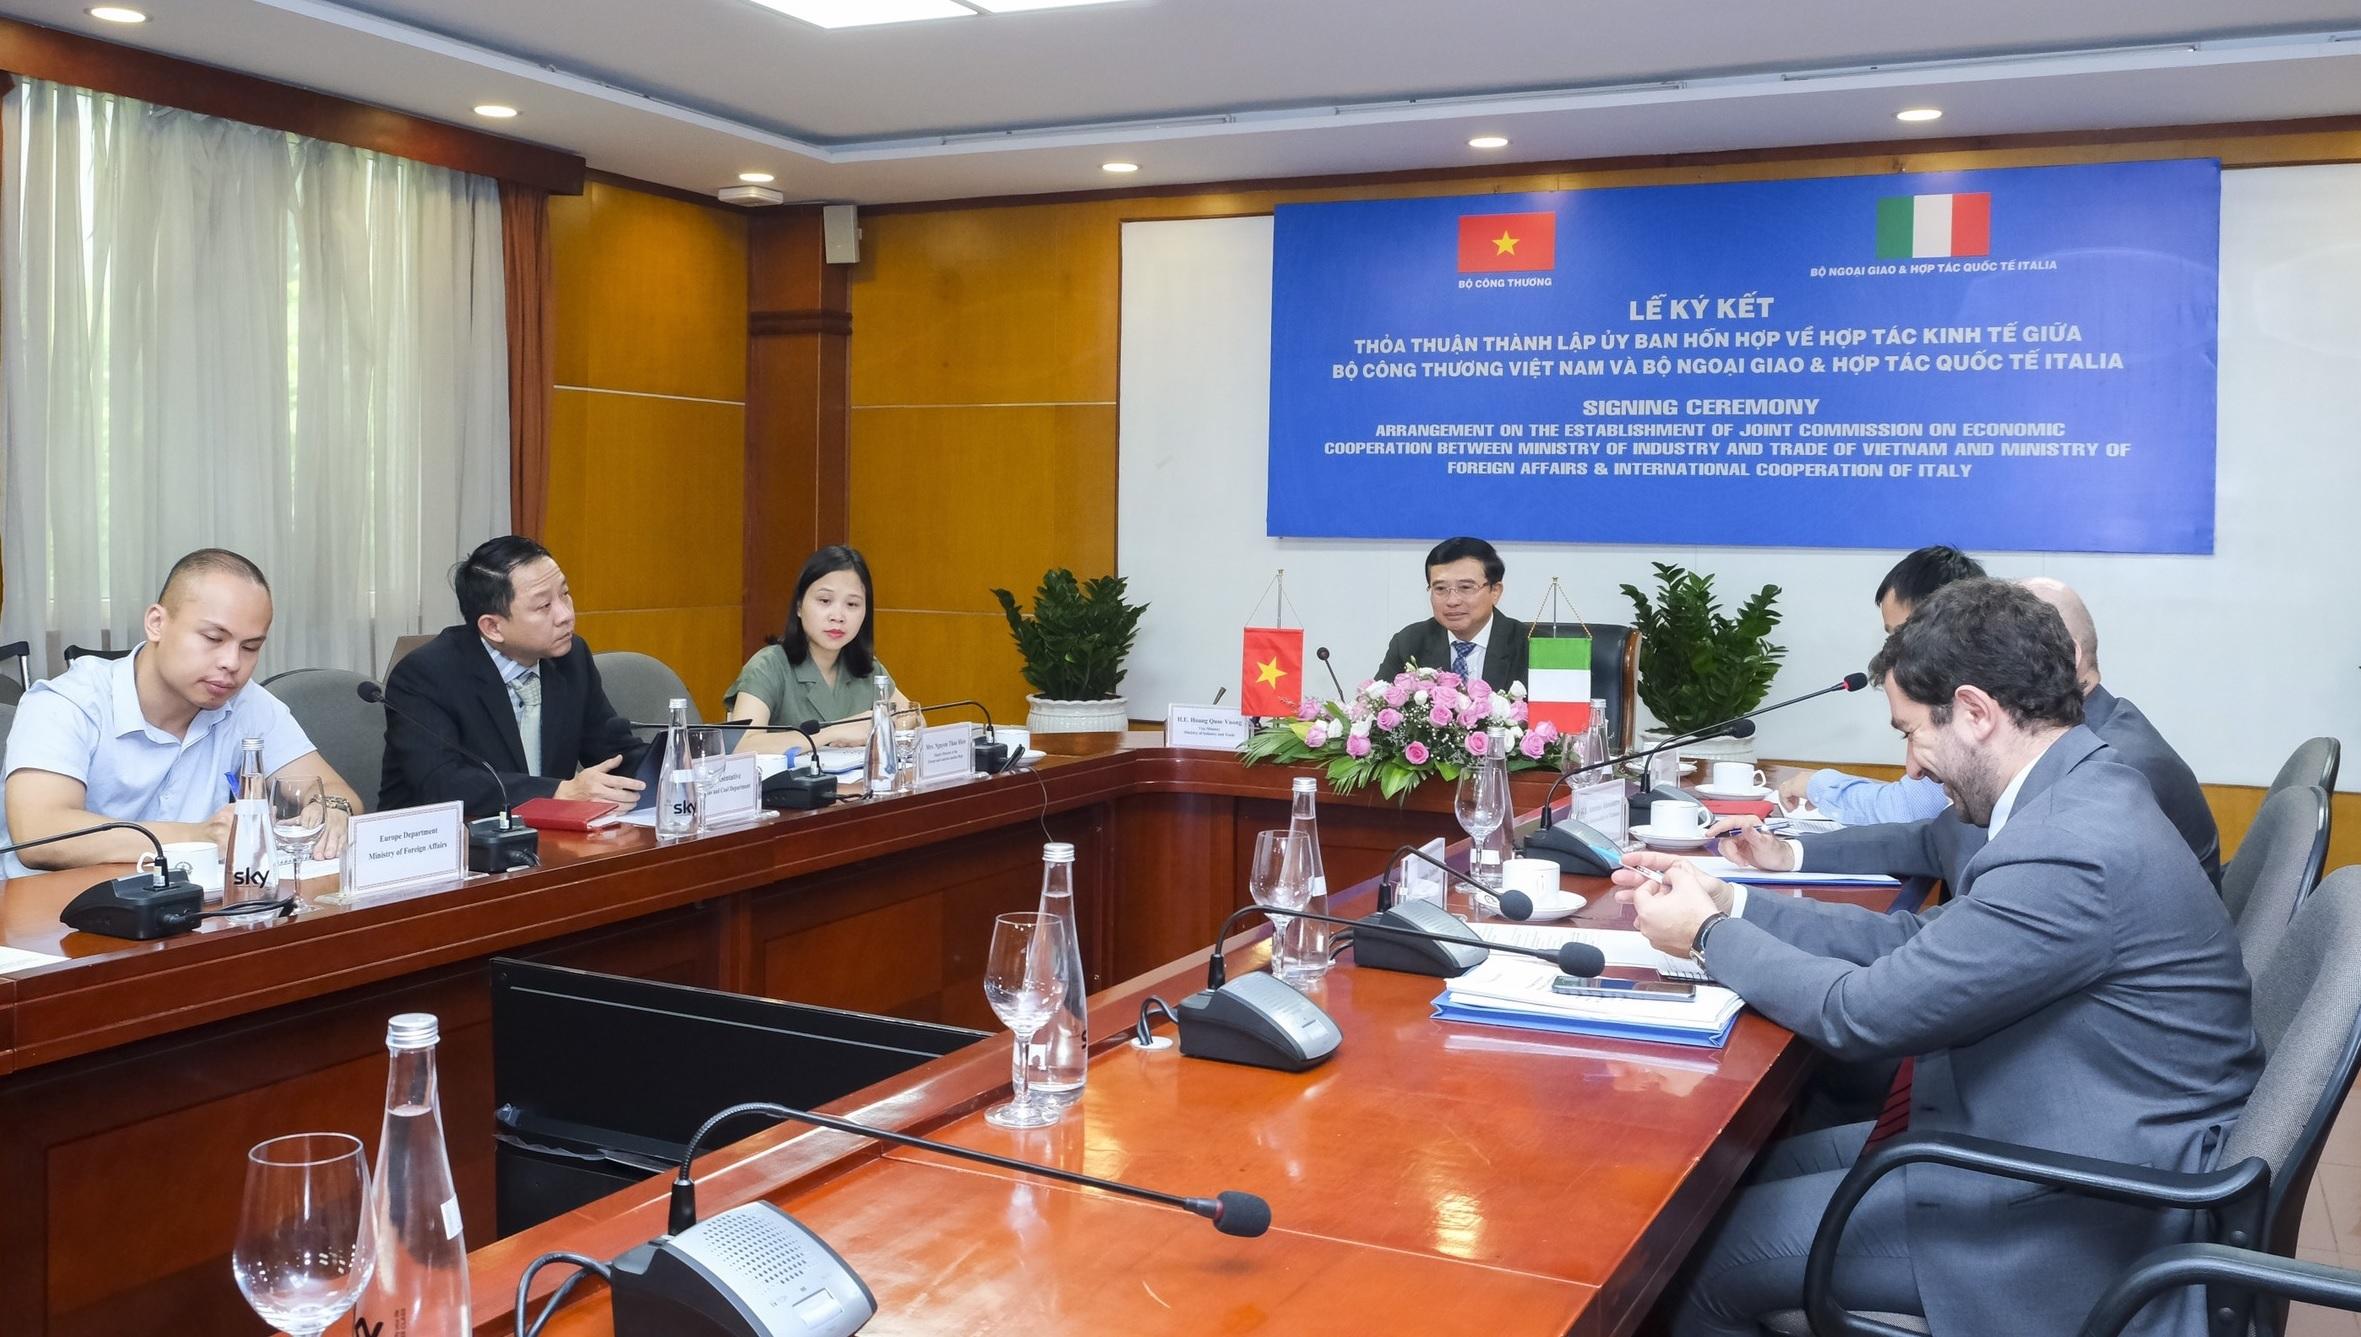 Thành lập Ủy ban Hỗn hợp về Hợp tác Kinh tế giữa Việt Nam - Italia - Ảnh 1.